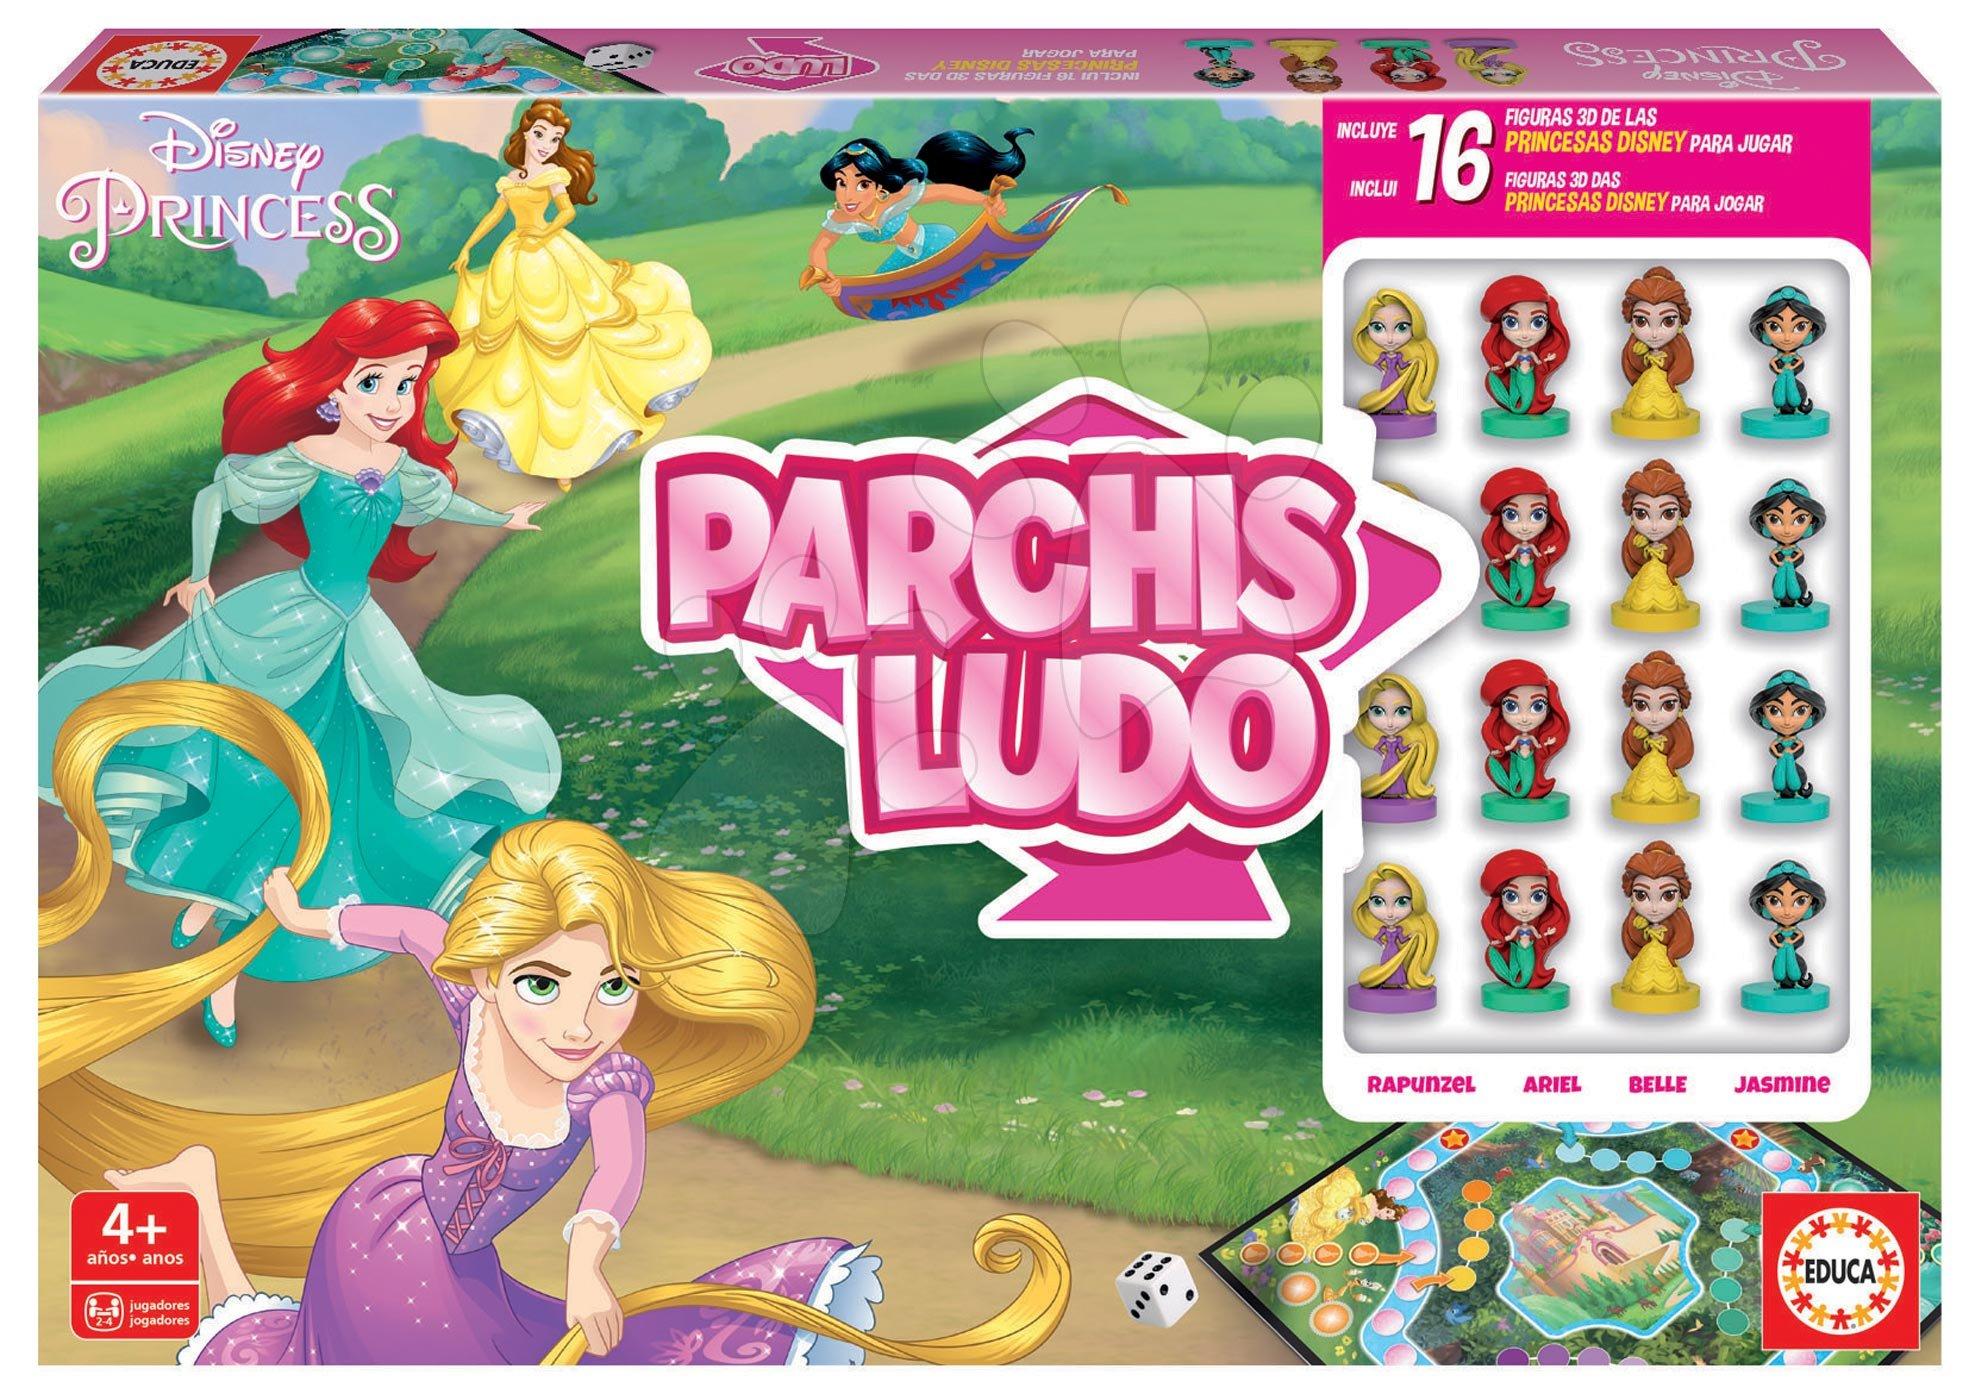 Spoločenská hra Parchis Princesas Disney Educa Človeče, nezlob se so 16 figúrkami od 4 rokov španielsky